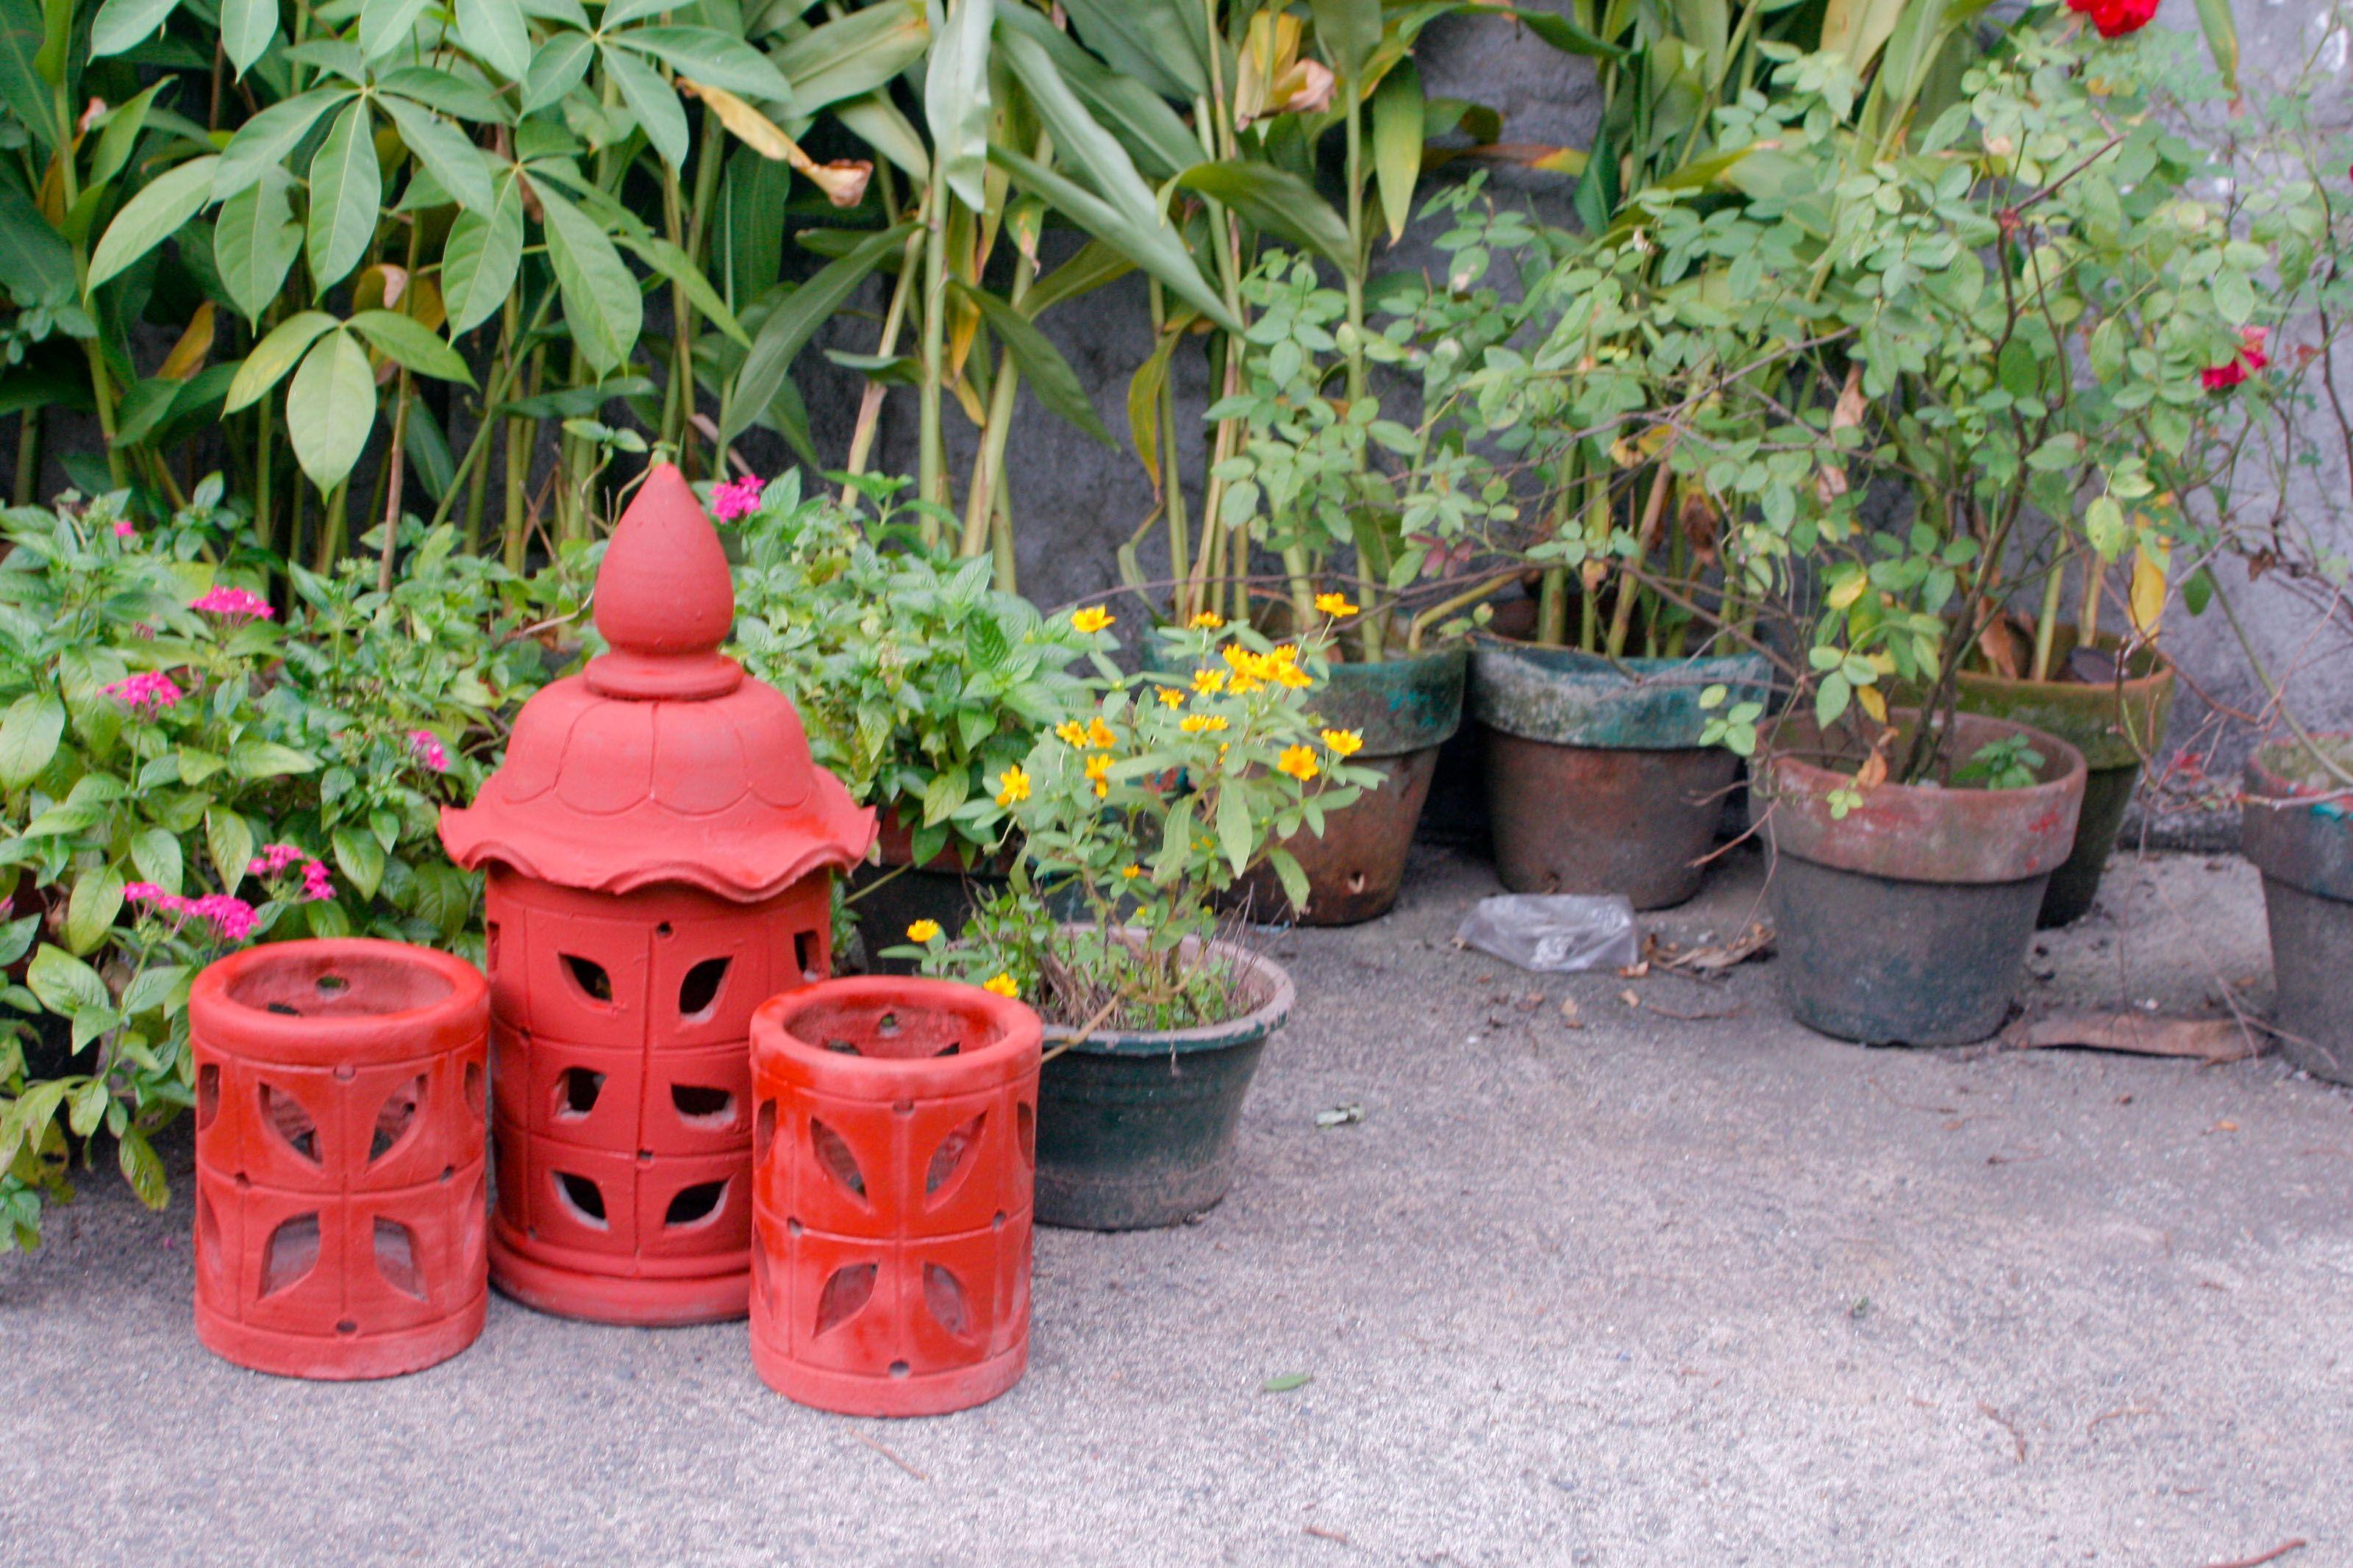 Paint Concrete Garden Ornaments | Paint concrete, Garden ornaments ...